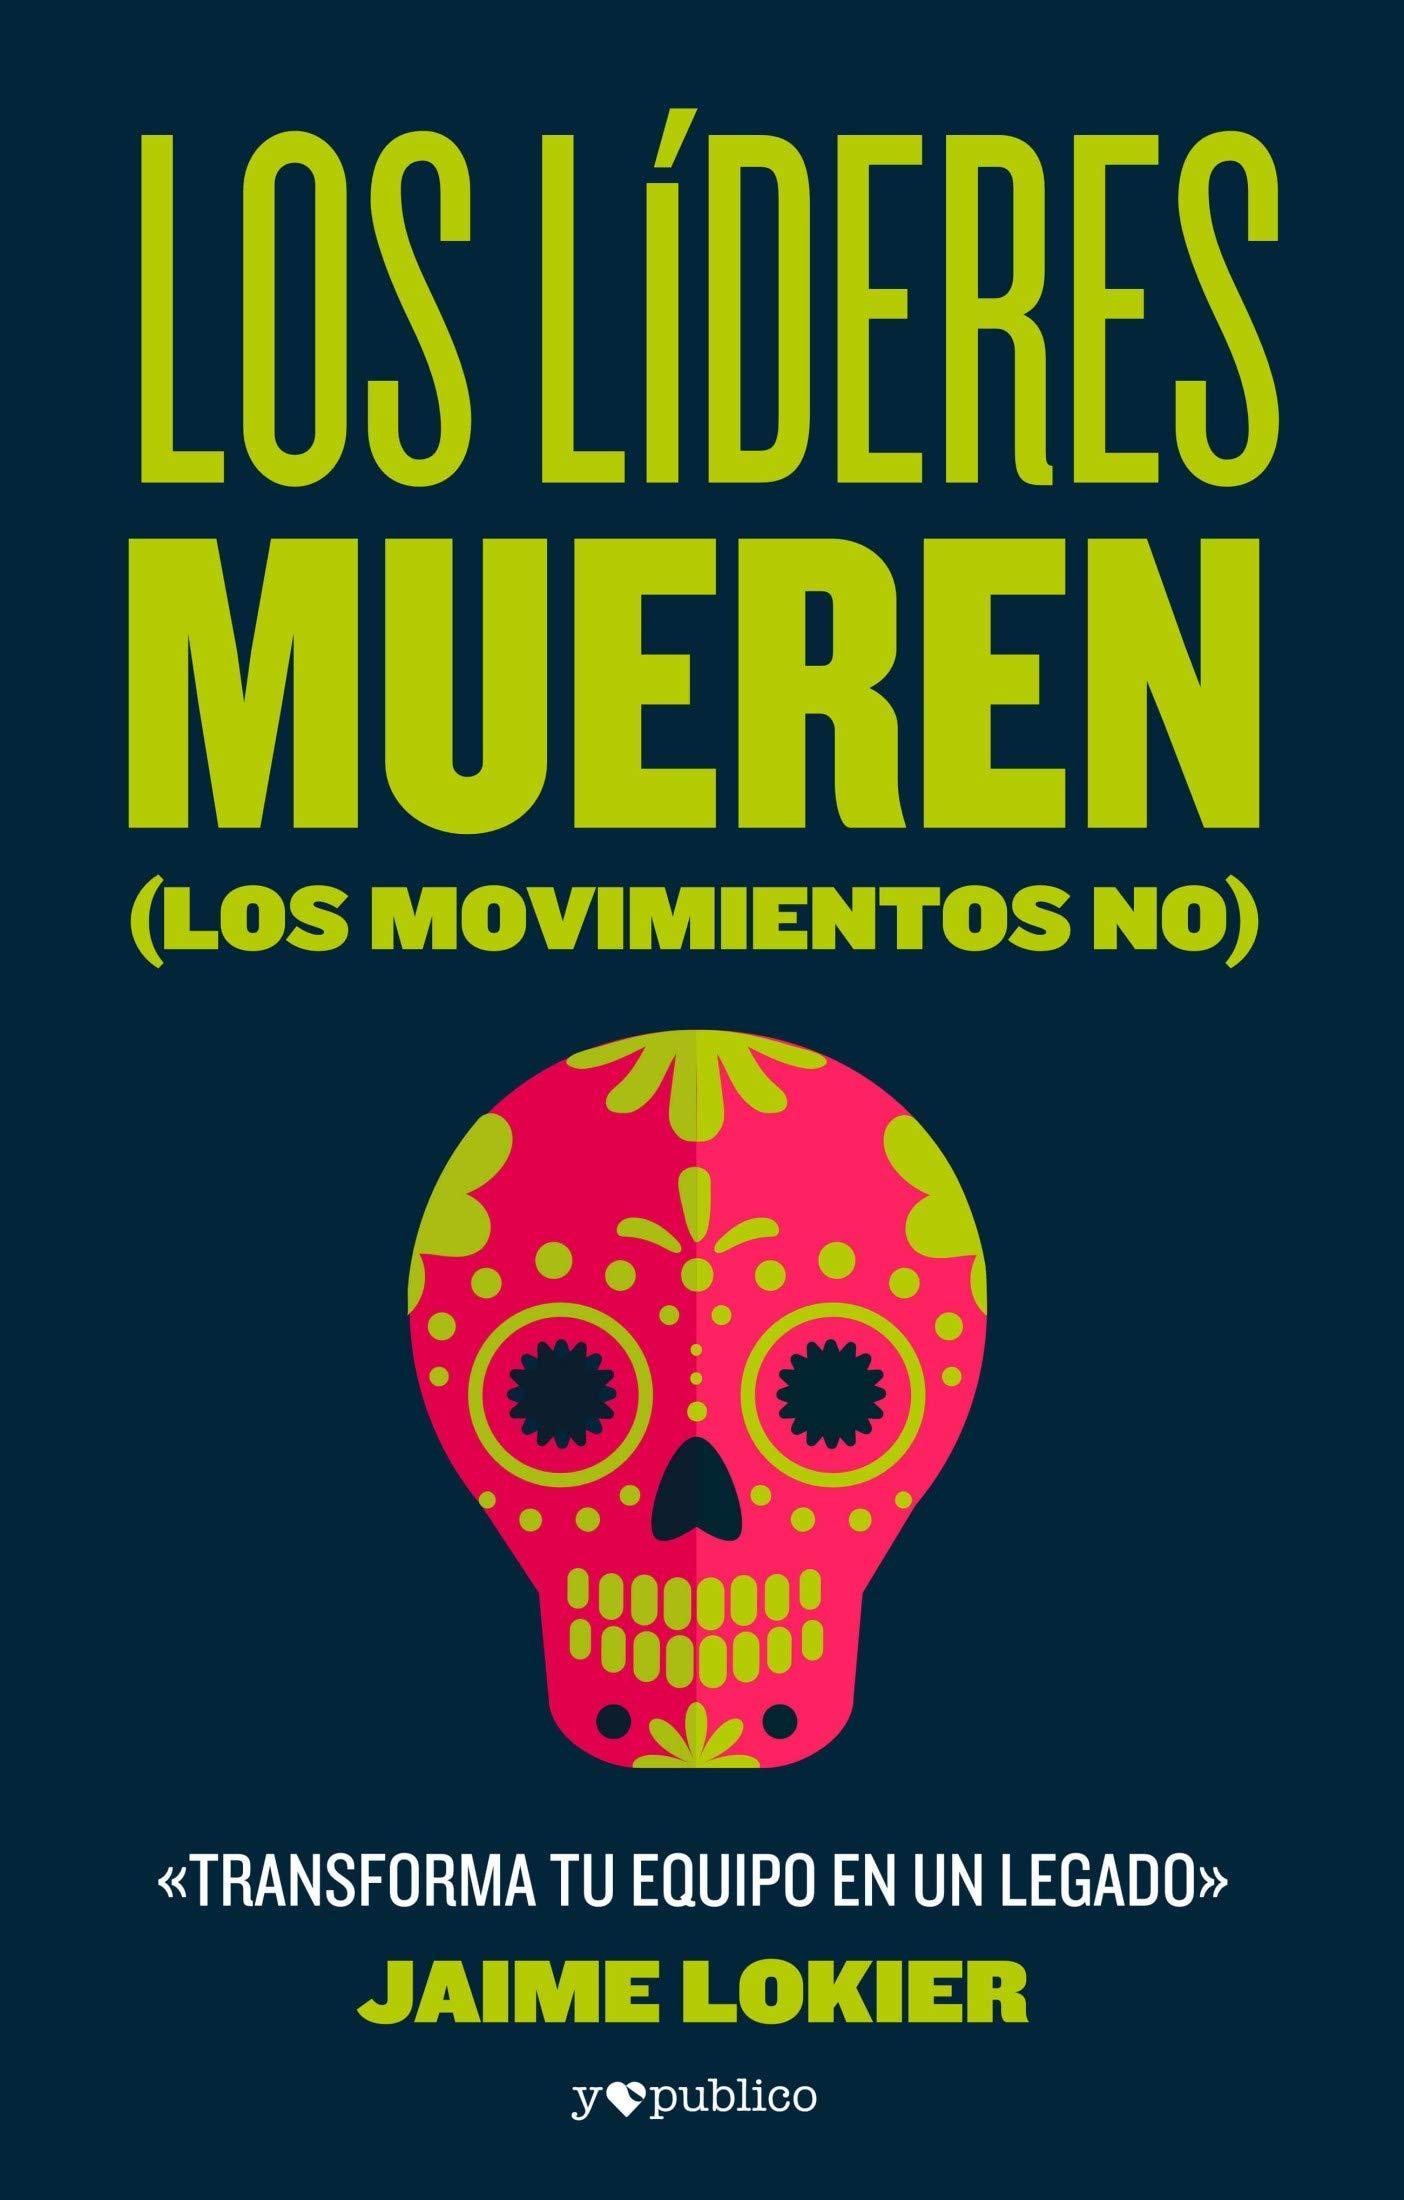 Los líderes mueren (los movimientos no): Transforma tu equipo en un legado (Spanish Edition)